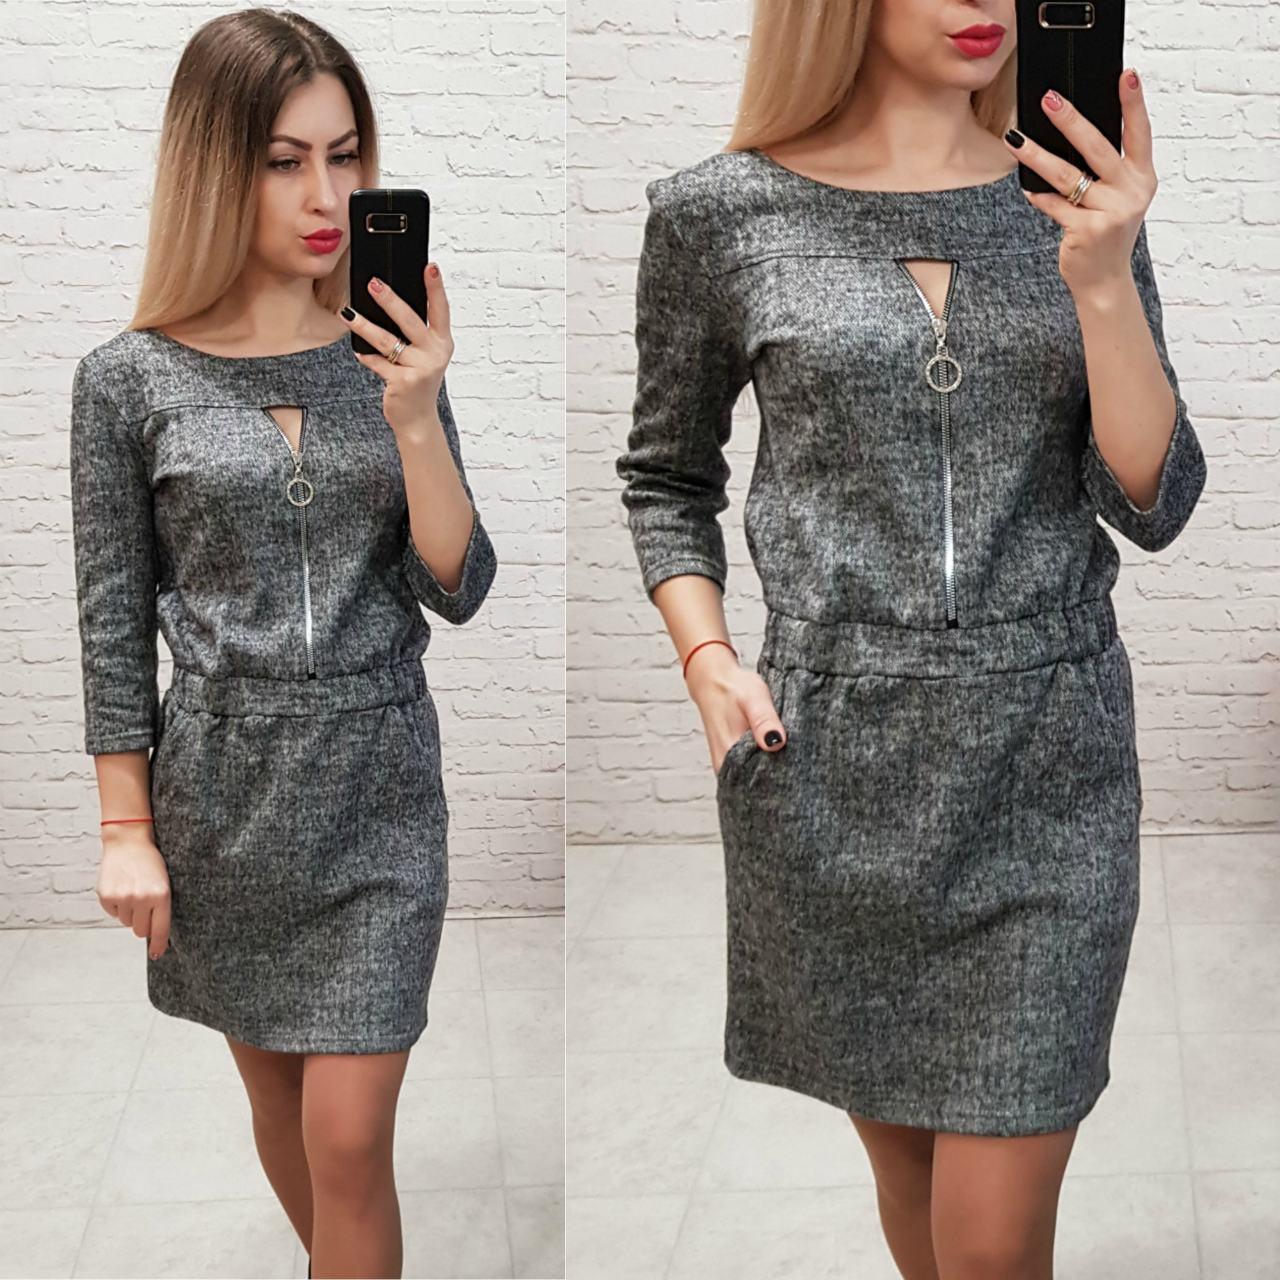 Платье с молнией, меланж, модель 151, цвет - серый